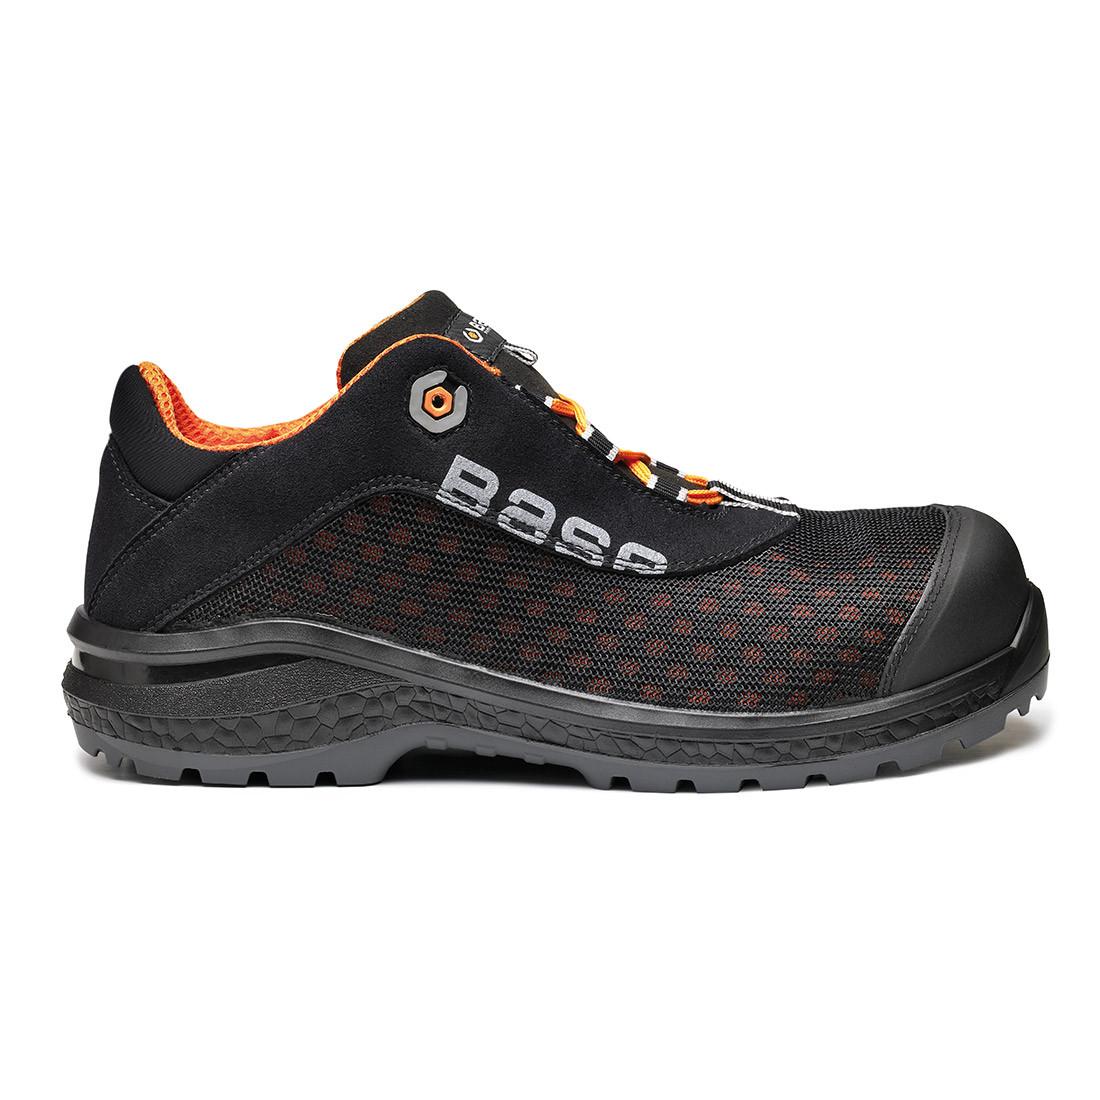 Pantofi Be-Fit S1P SRC - Incaltaminte de protectie